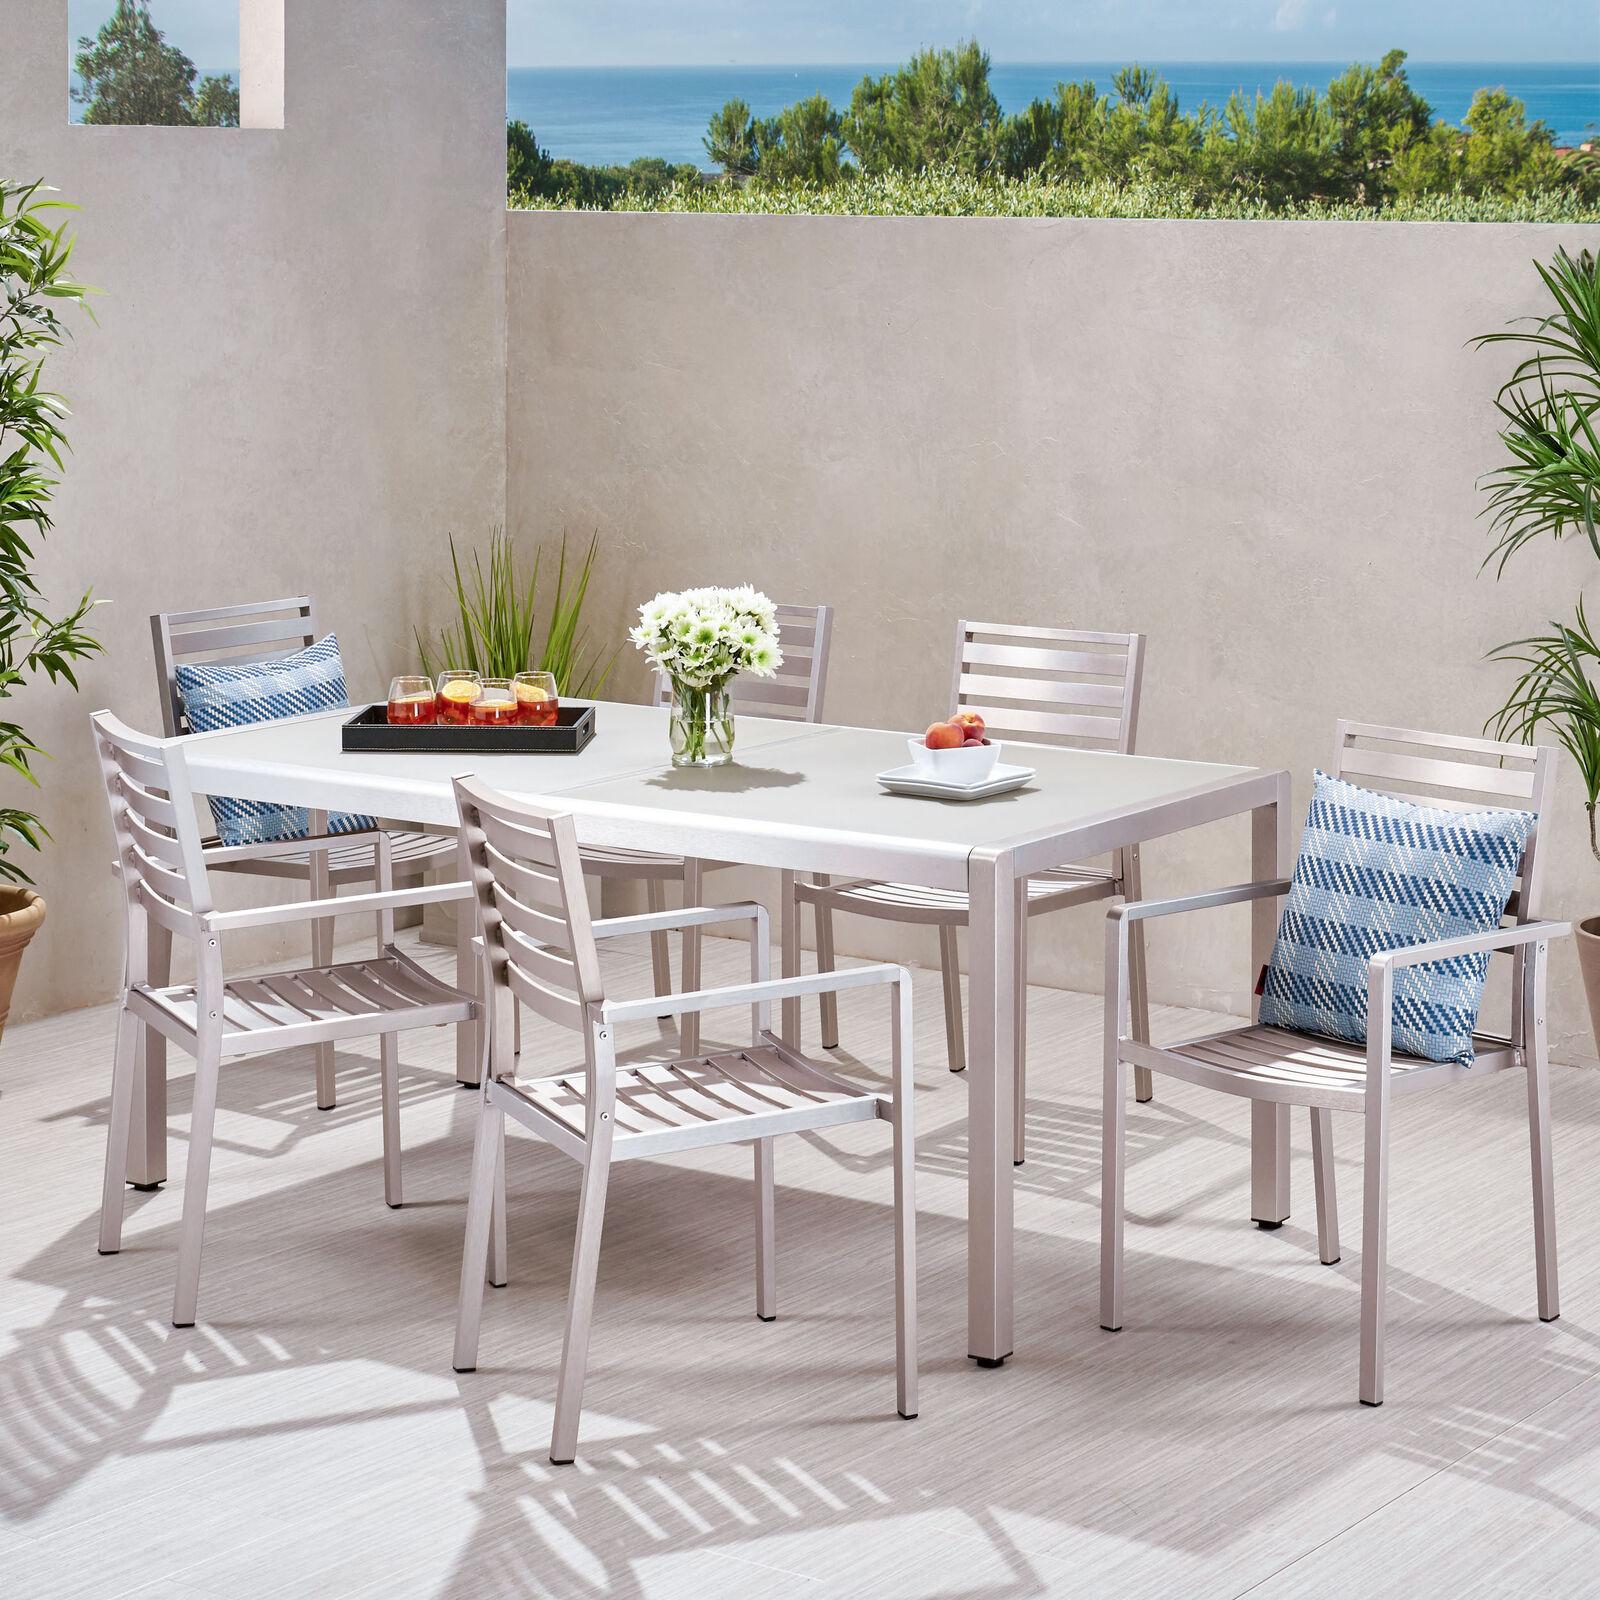 Cherie Outdoor Modern 6 Seater Aluminum Dining Set Home & Garden